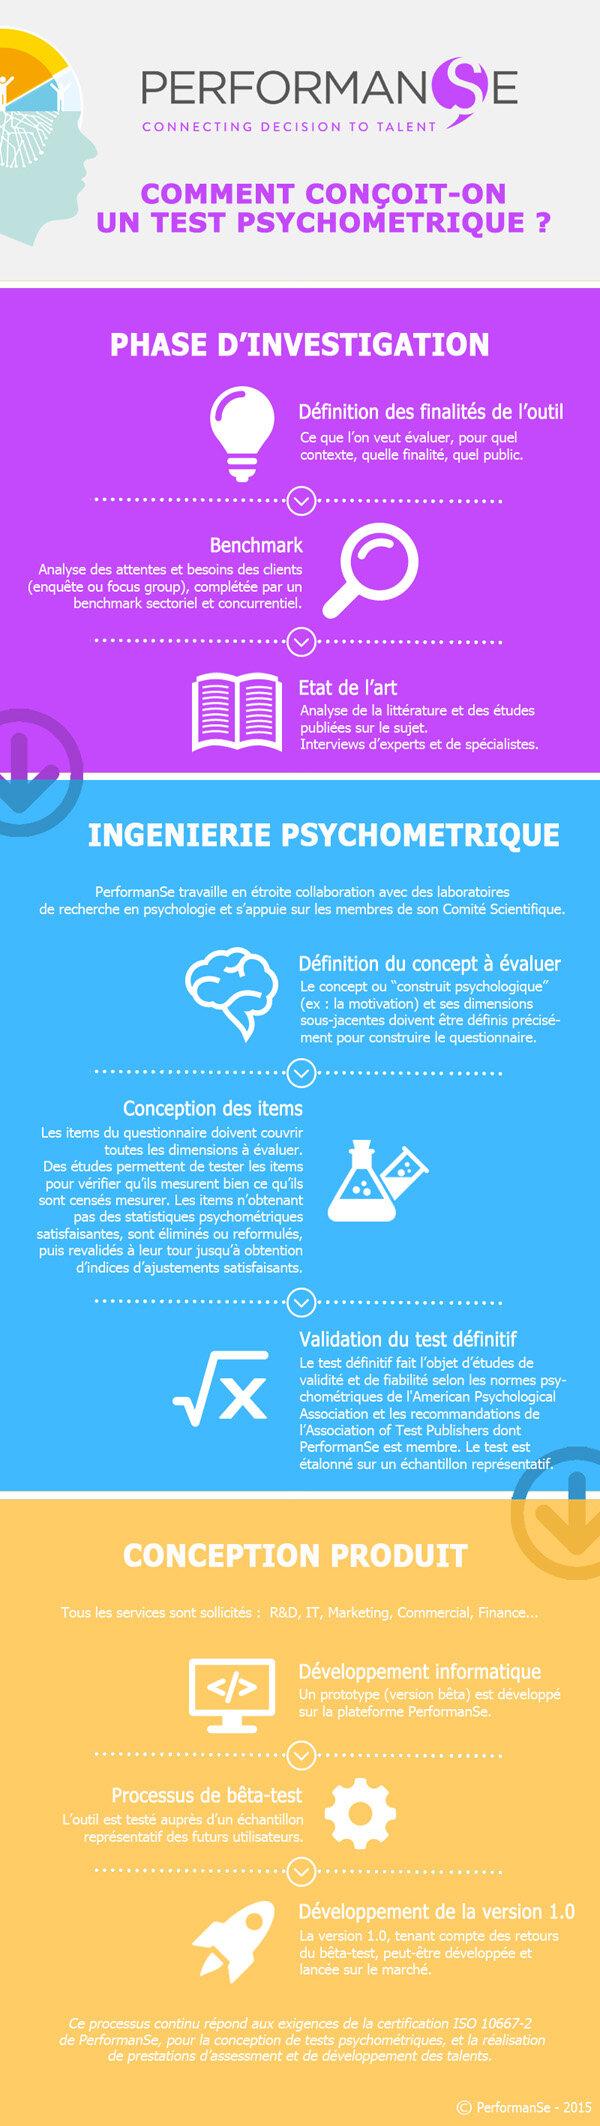 Comment conçoit-on un test psychométrique ?-D.R.